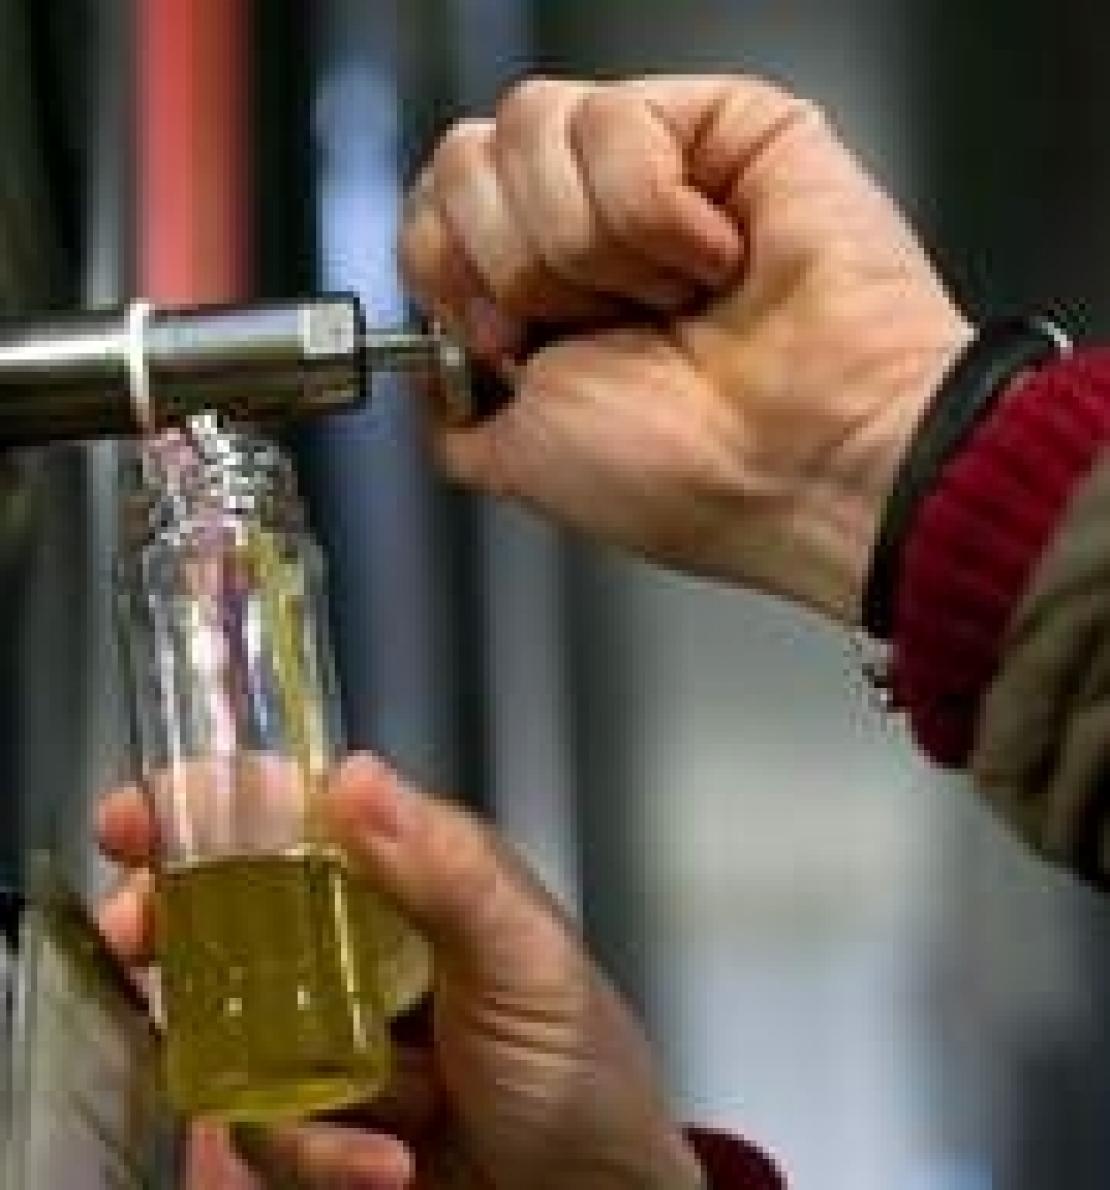 Comprare olio d'oliva sfuso, imbottigliarlo e venderlo con propria etichetta. Quali obblighi?